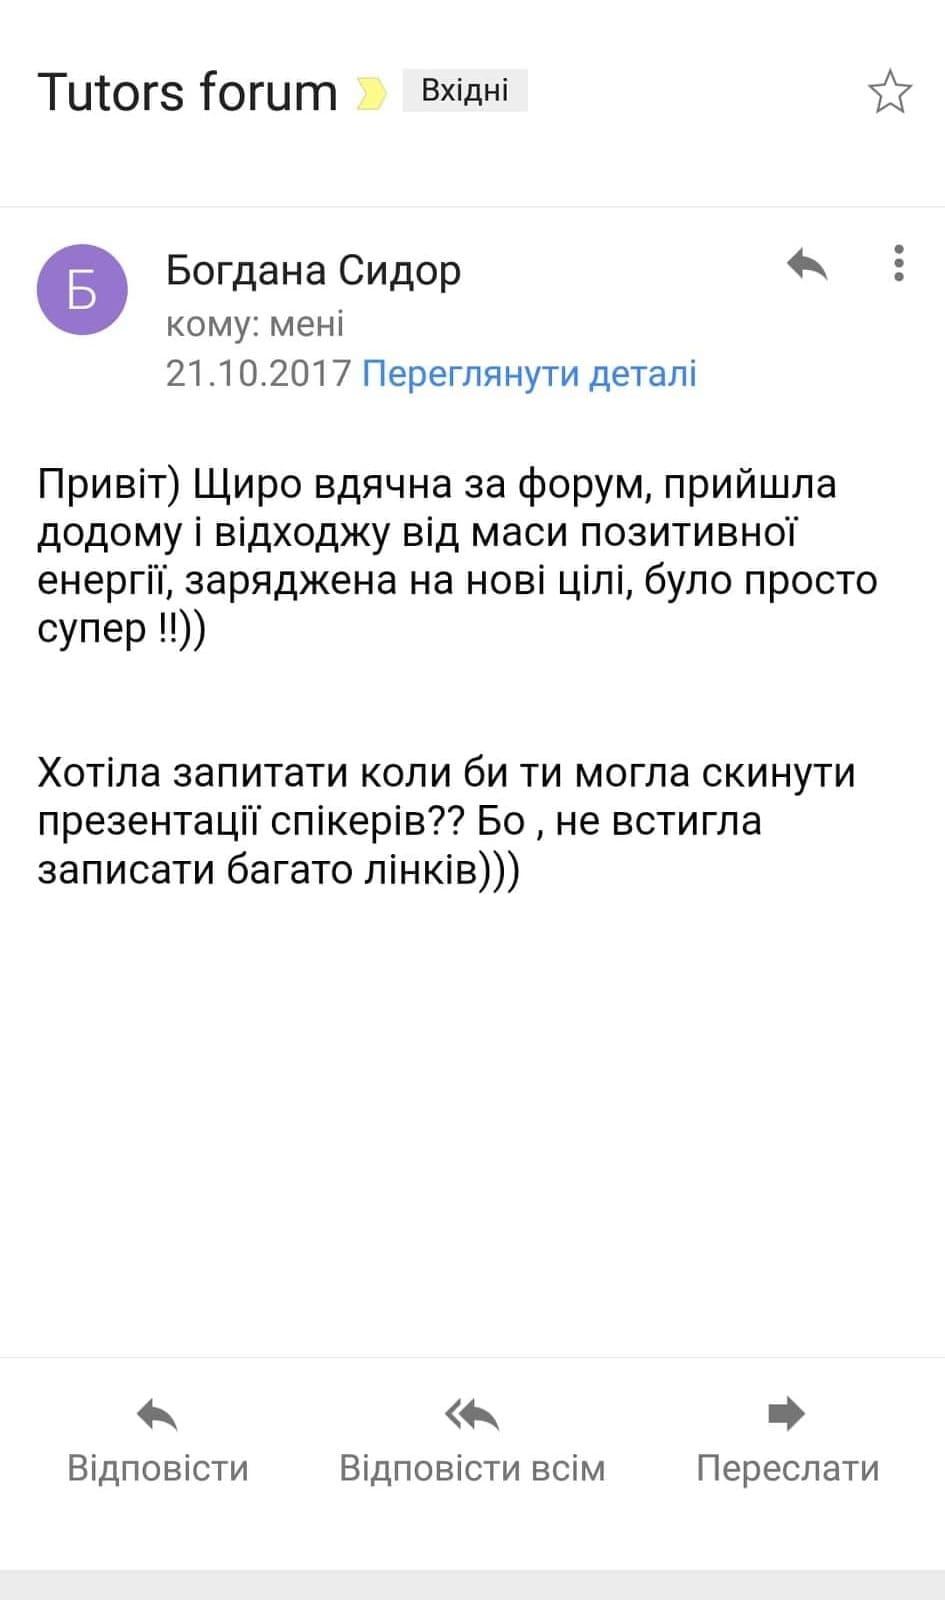 vidhuk-tf-1-min